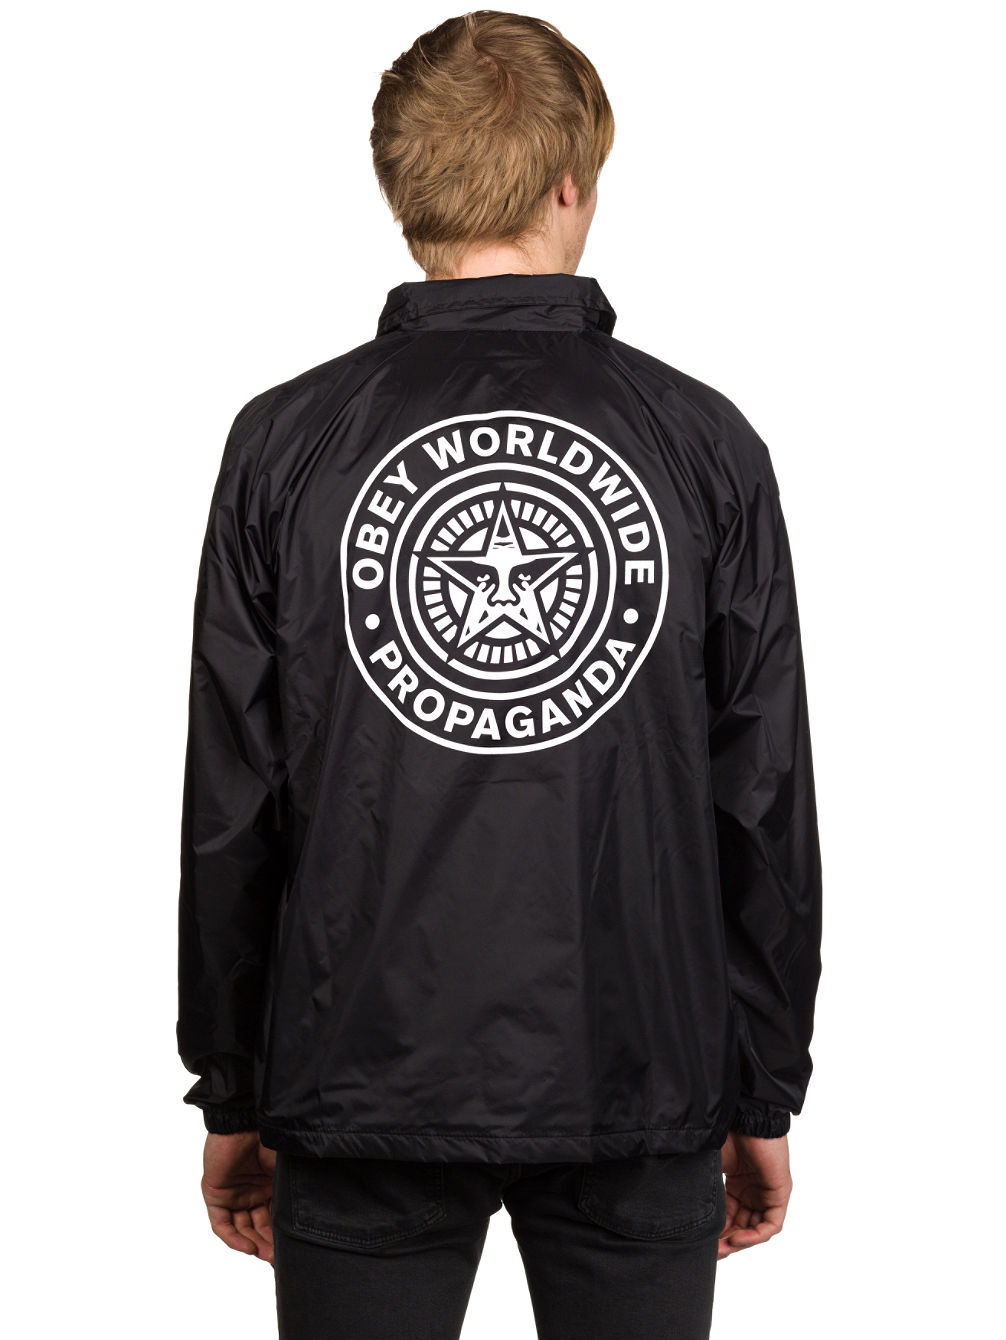 obey-worldwide-seal-jacket